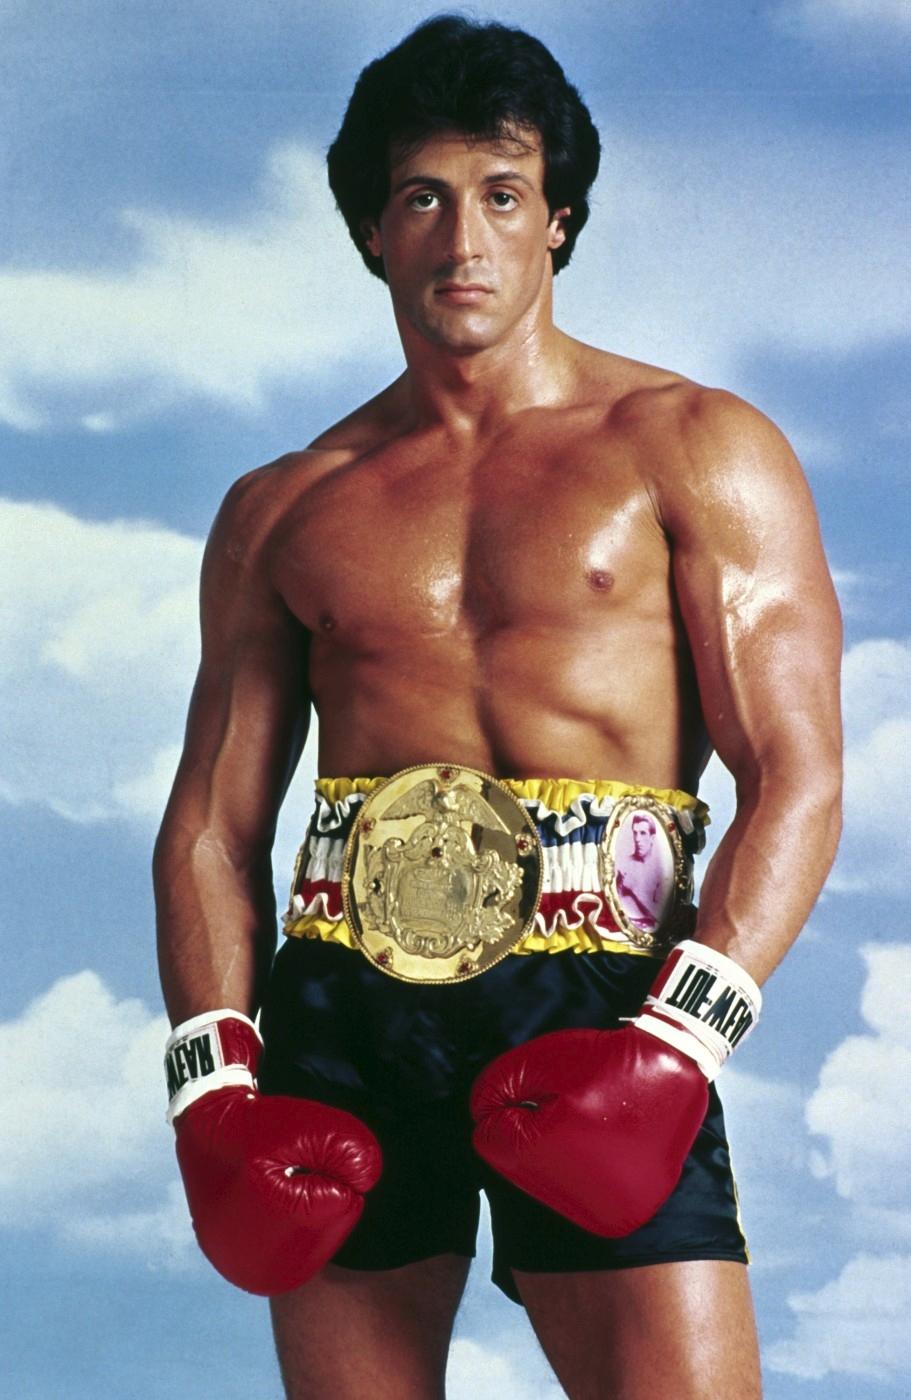 Jako Rocky Balboa vypadal Sylvester Stallone (72) skvěle, to už je ale bohužel minulost.